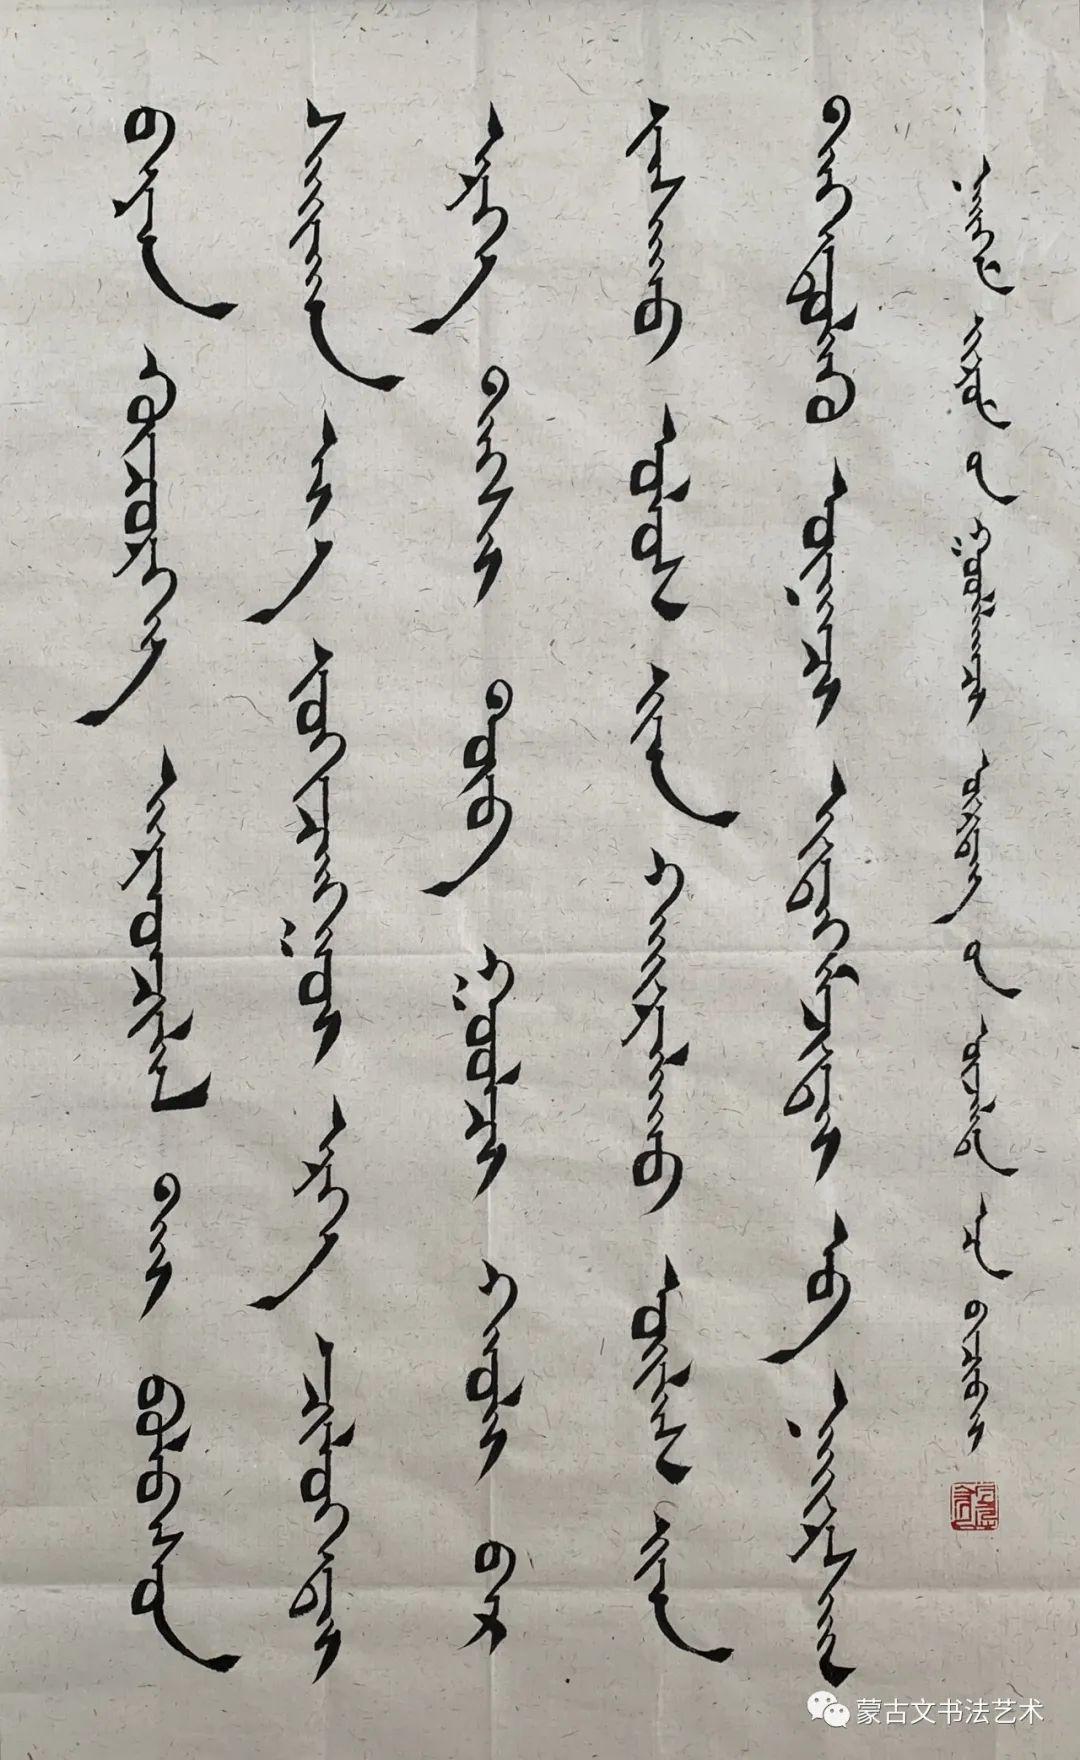 赛音吉雅楷书作品欣赏 第4张 赛音吉雅楷书作品欣赏 蒙古书法